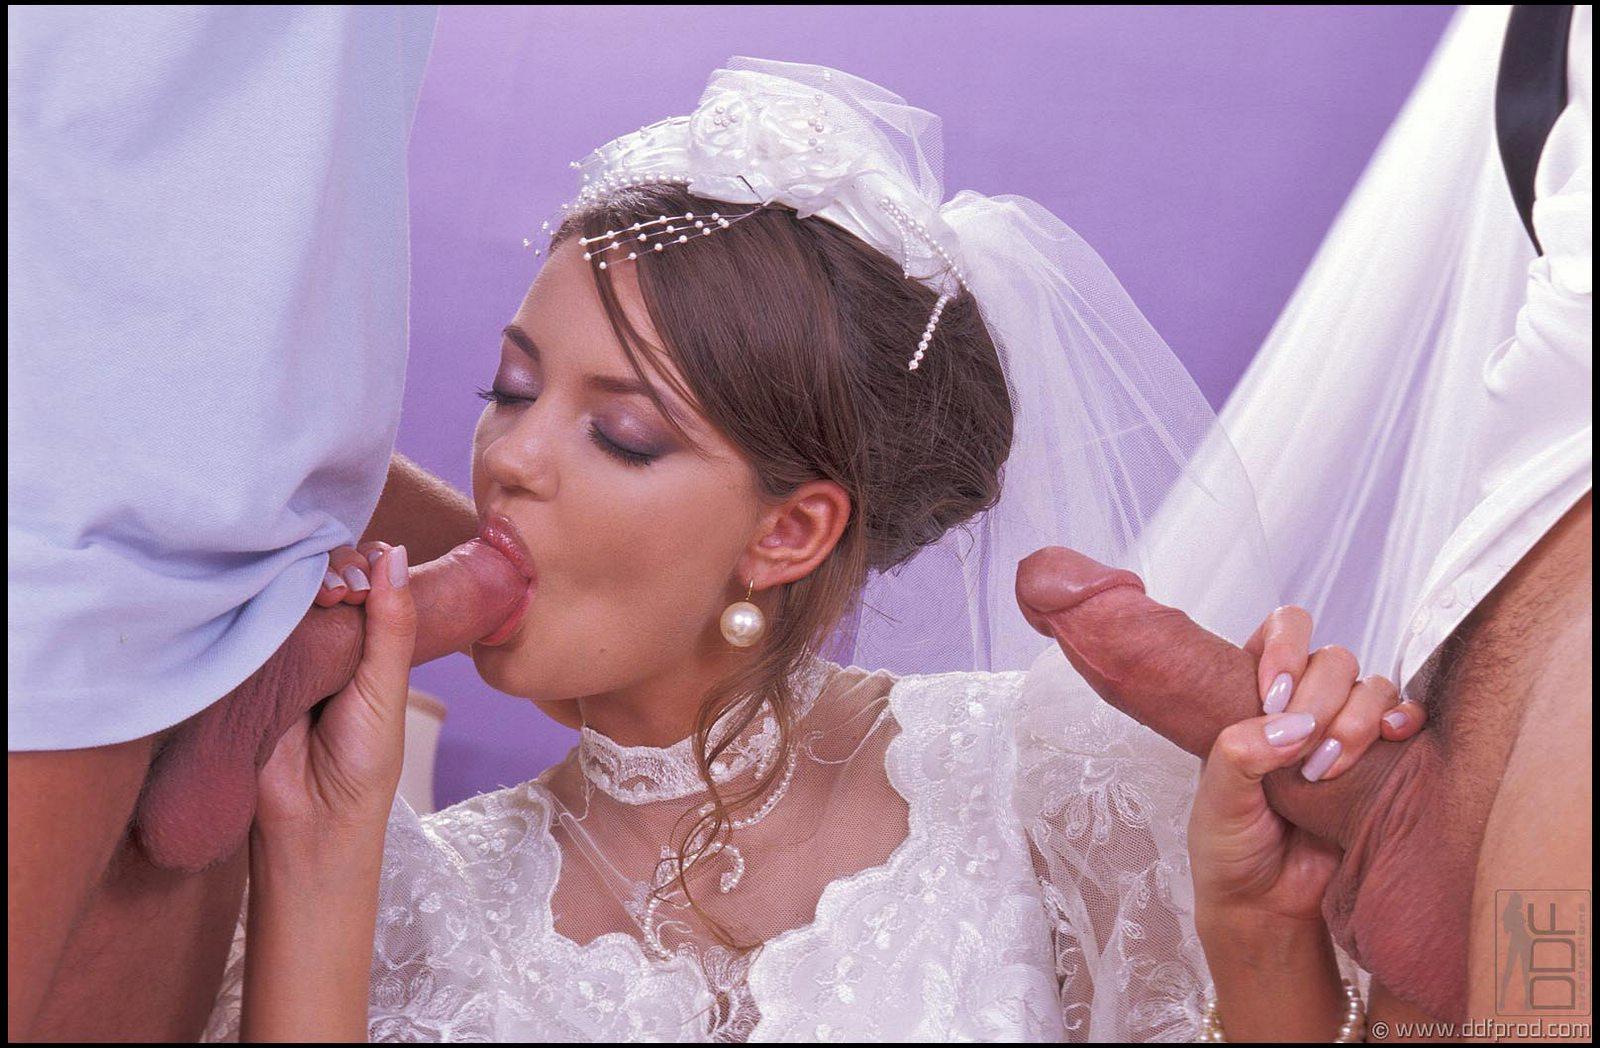 Смотреть порно трахнули русскую невесту, Невесты порно, смотреть секс с Невестой перед 21 фотография